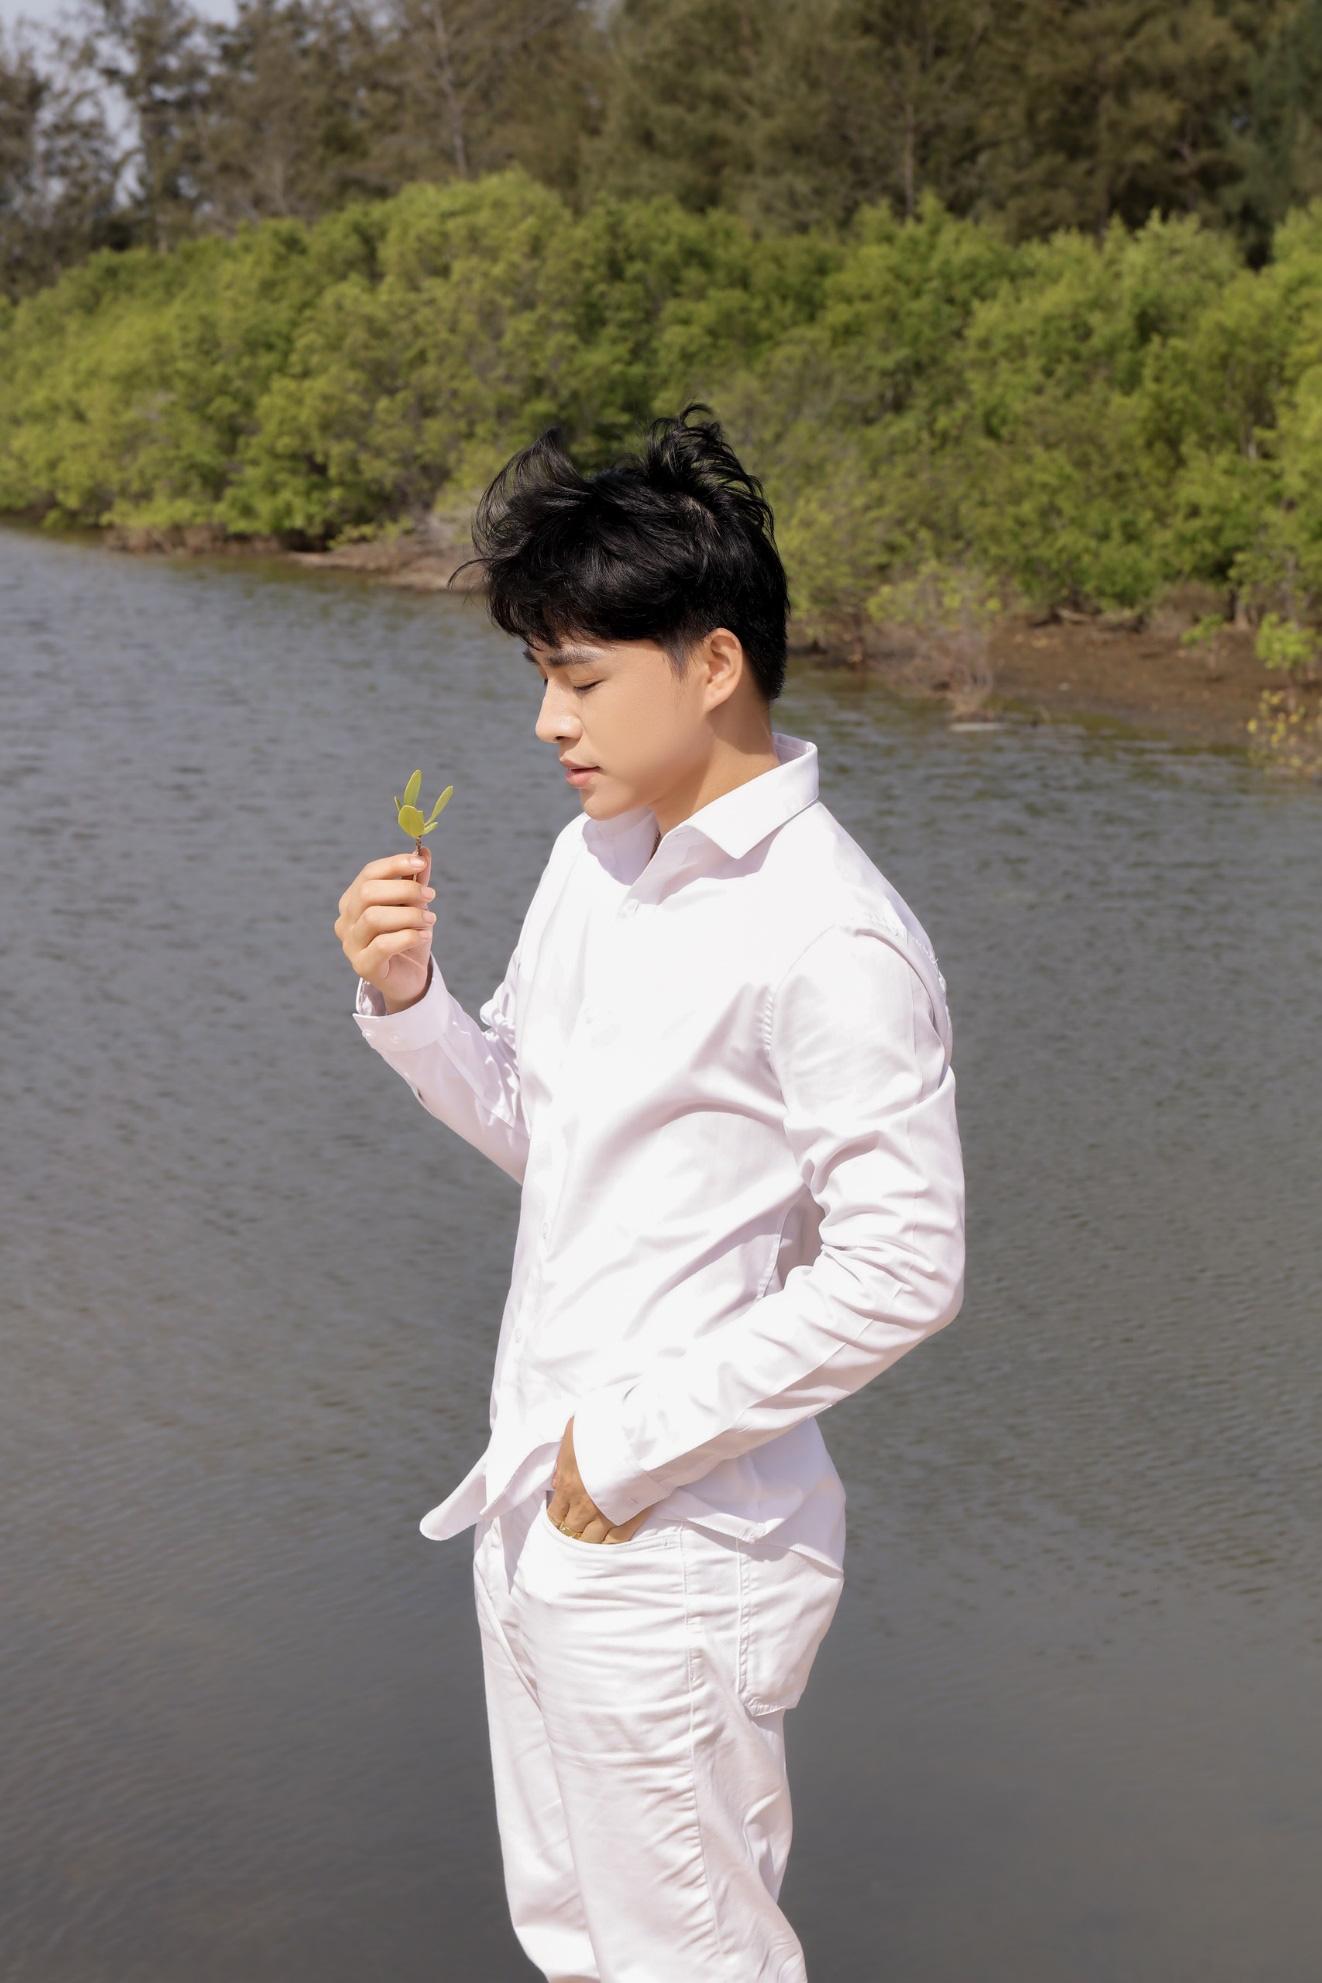 """Không tin nổi giọng hát tone nữ ngọt lịm cao vút đầy truyền cảm trong MV """"Con yêu thơ dại"""" hóa ra lại là của nam ca sĩ Trần Tùng Anh - Ảnh 1."""